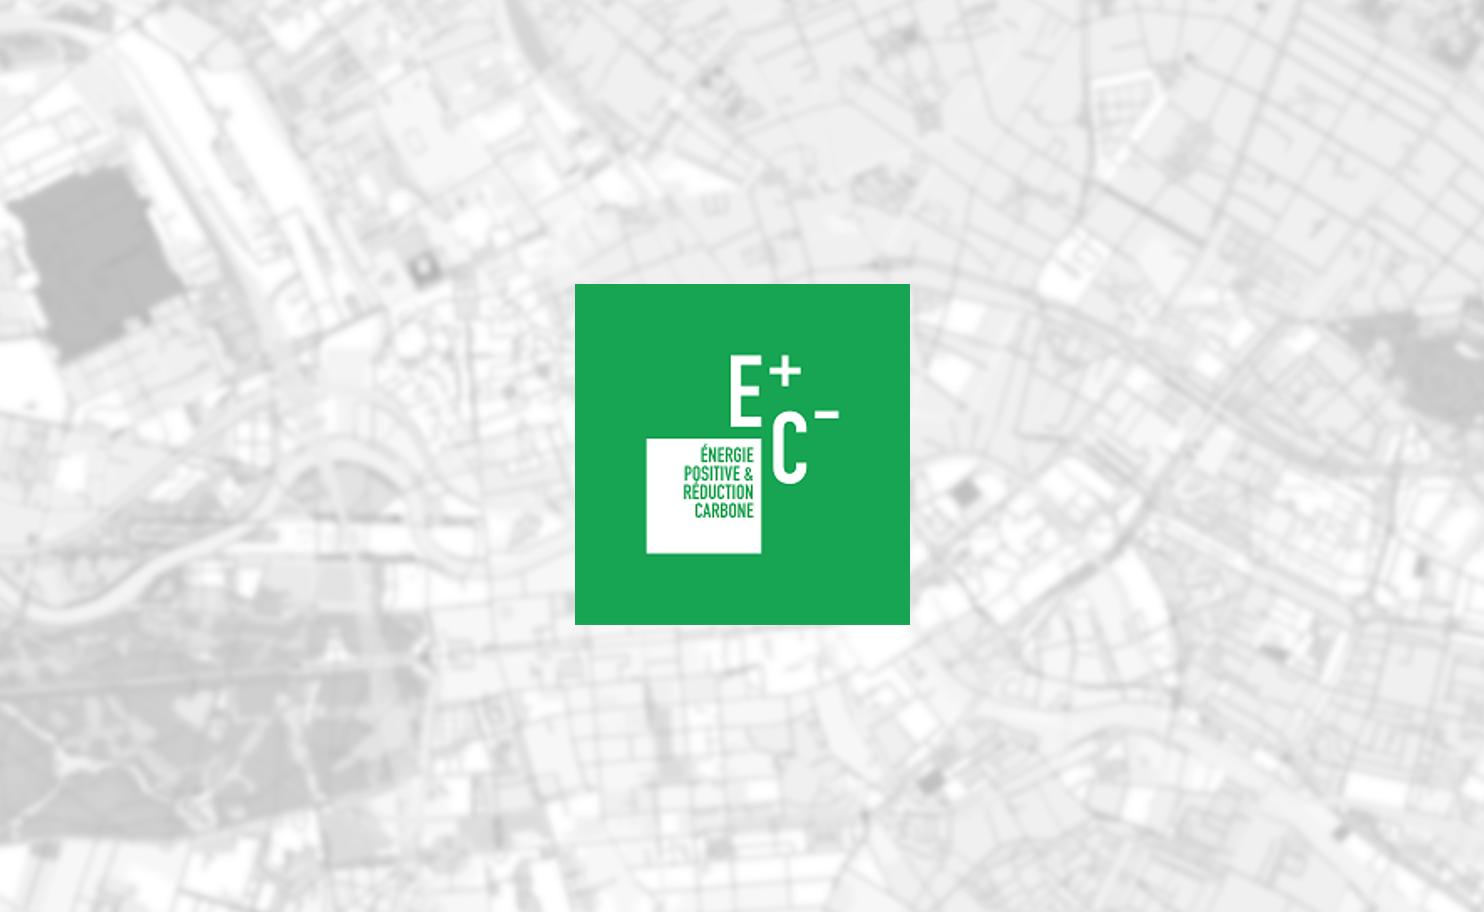 Quartiers E+C-